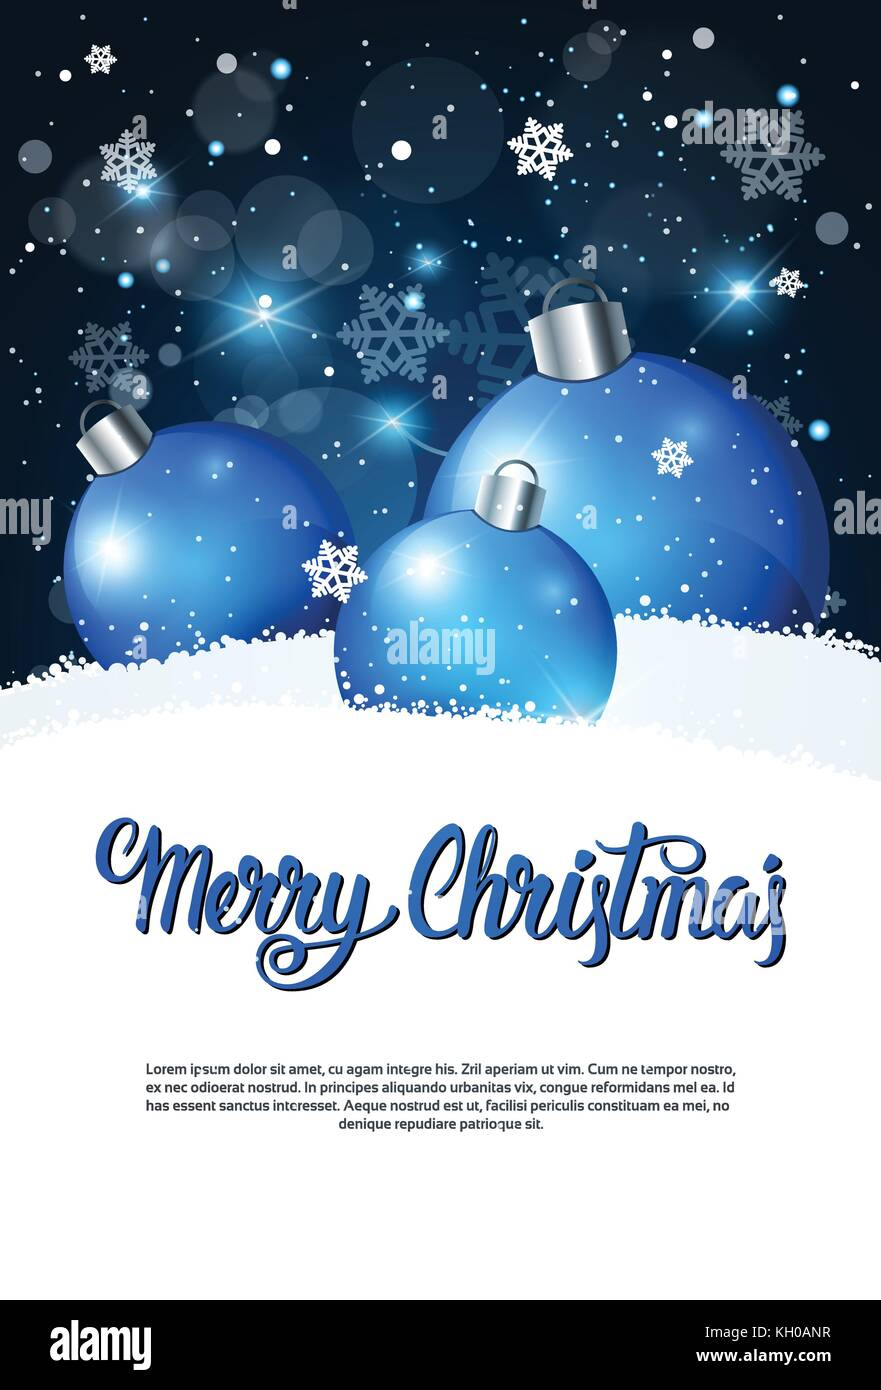 Frohe Weihnachten Grüße.Kreativurlaub Poster Frohe Weihnachten Gruß über Blau Dekoration